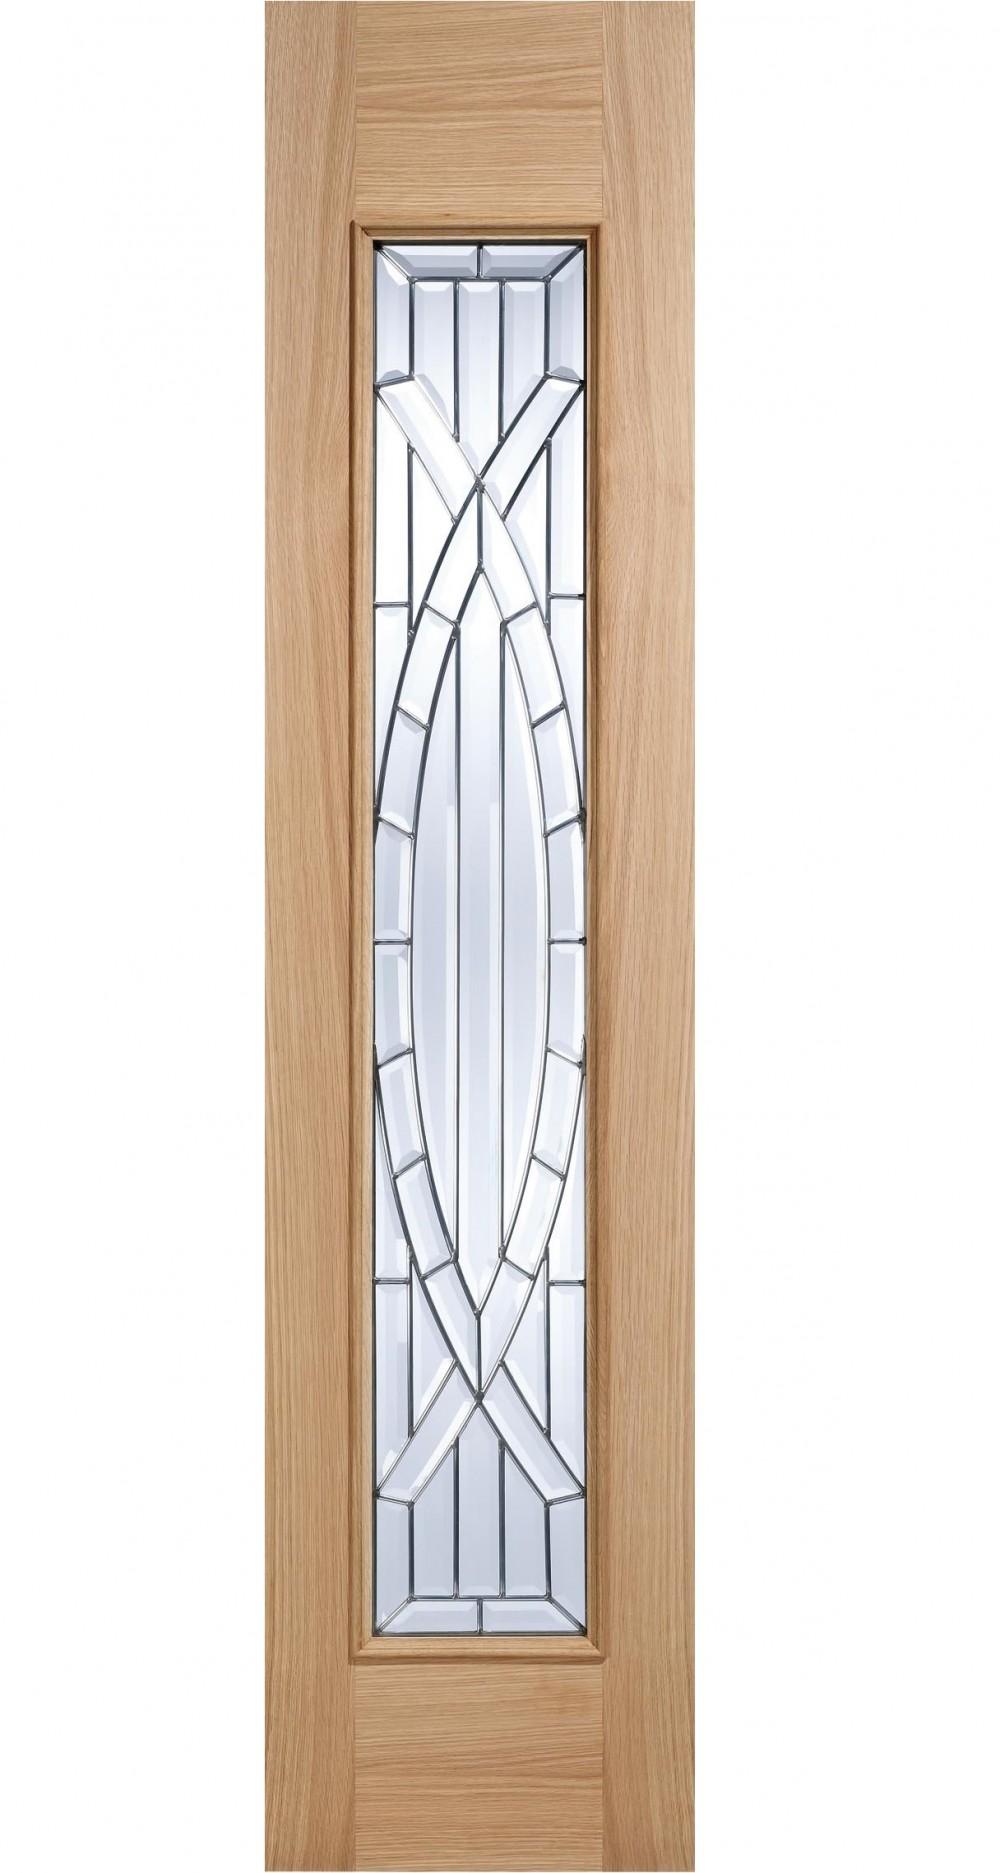 Oak External Door Frame With Sidelights Oak Sidelight Majestic Style  Trading Doors. Oak External Door Frame With Sidelights ...